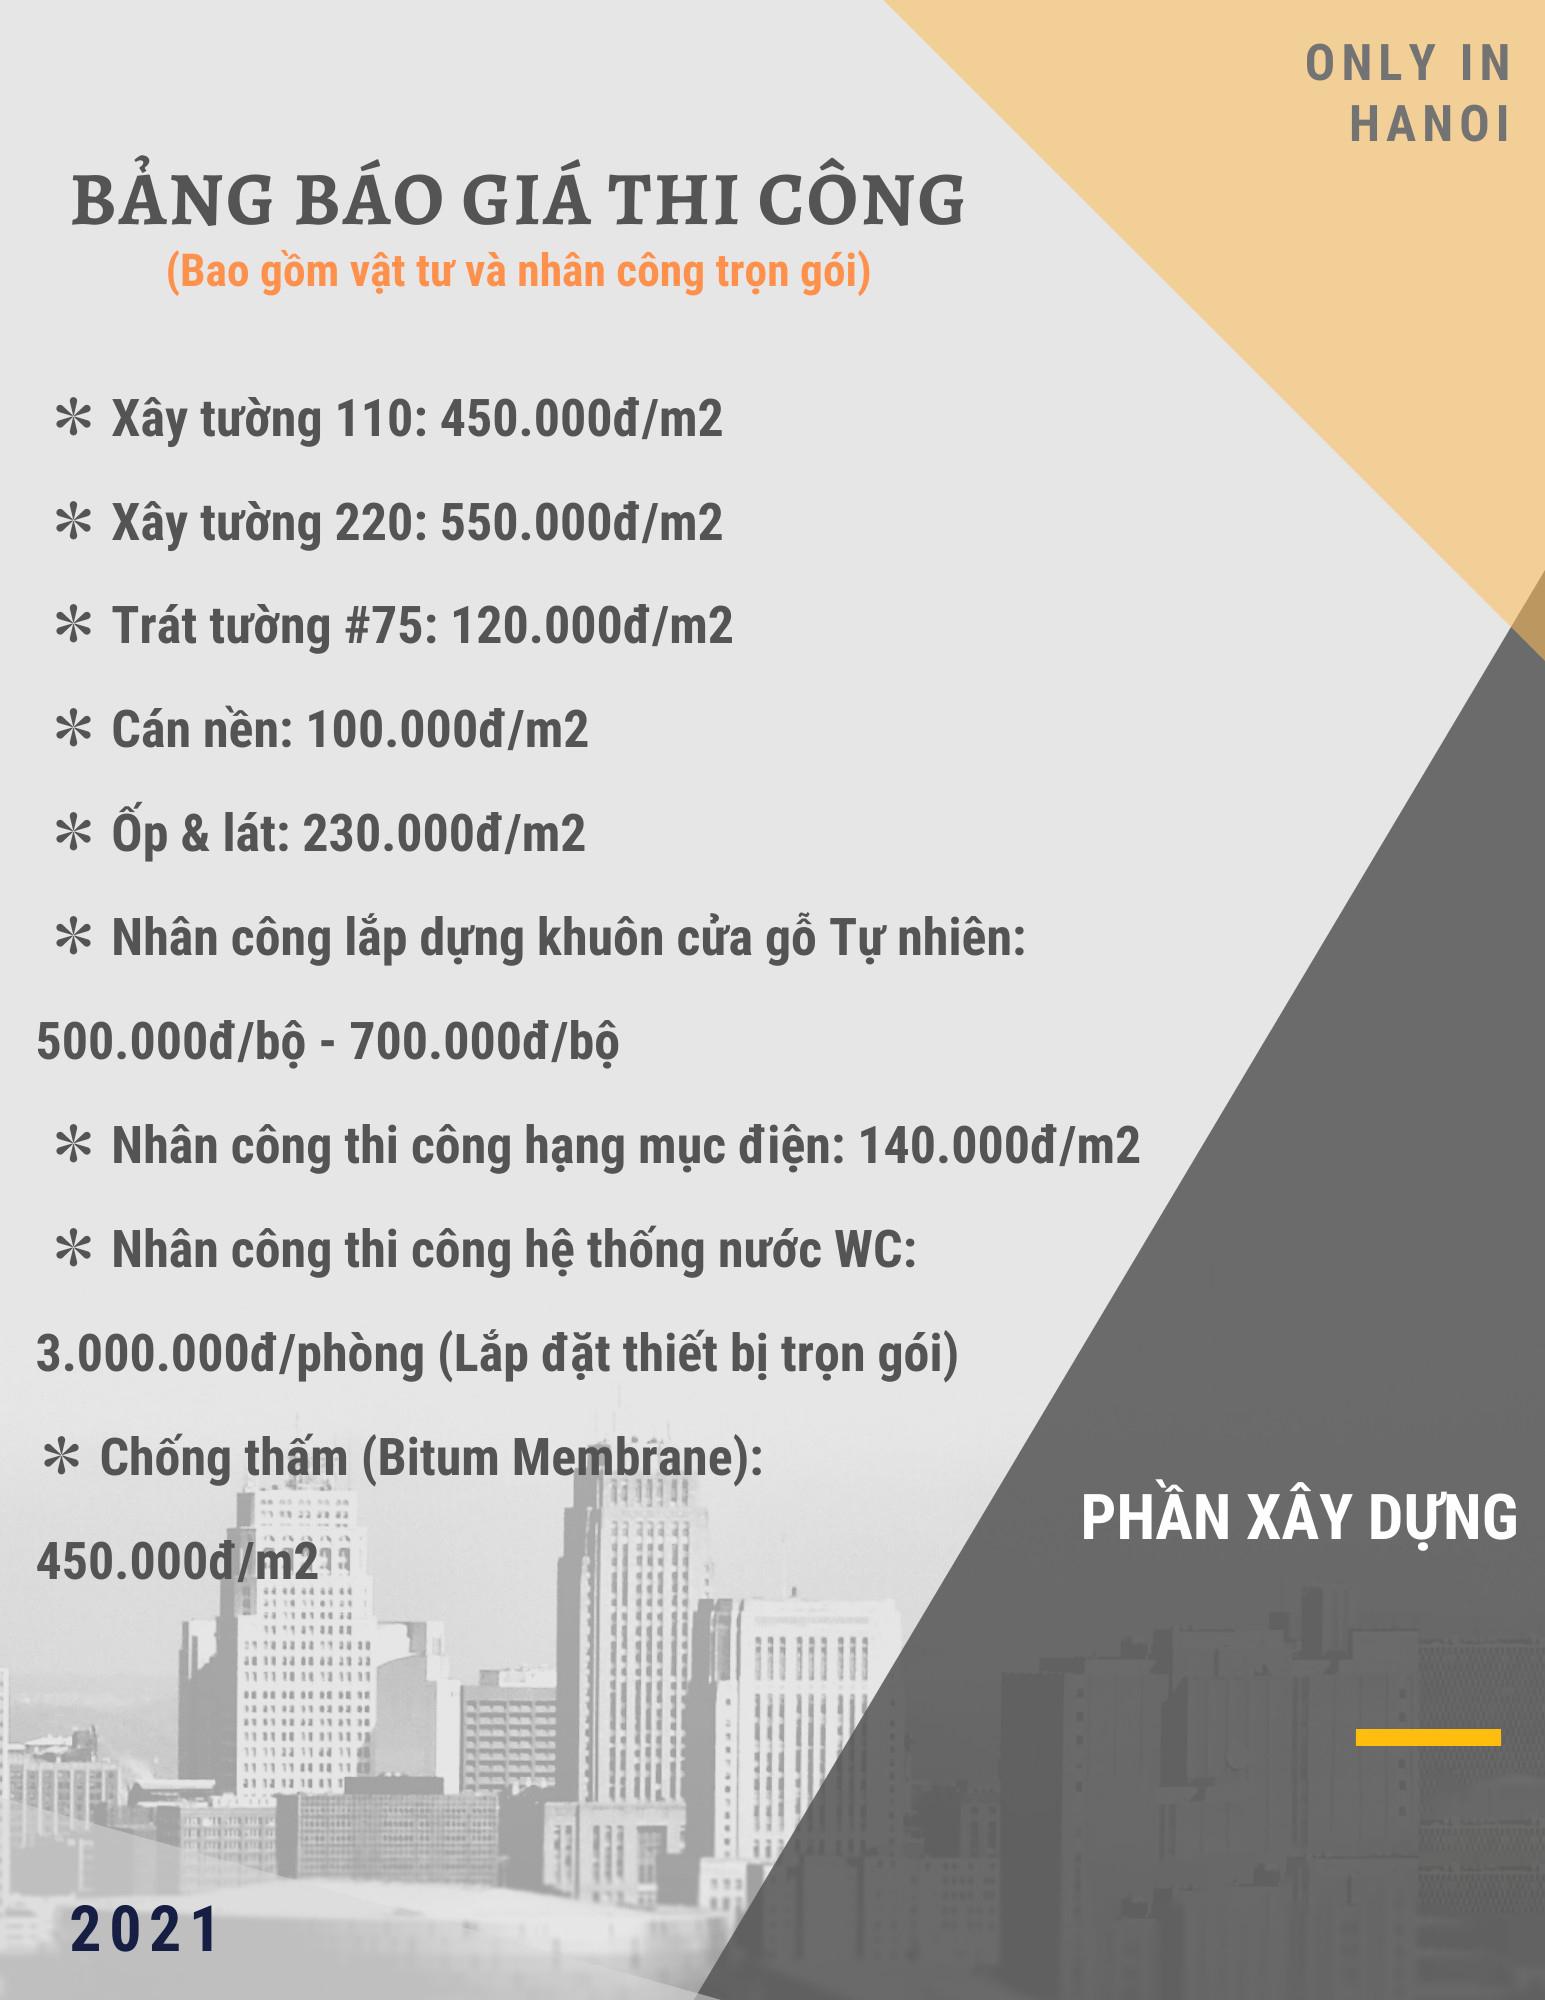 Báo giá chi tiết các hạng mục xây dựng theo 1m2 tường